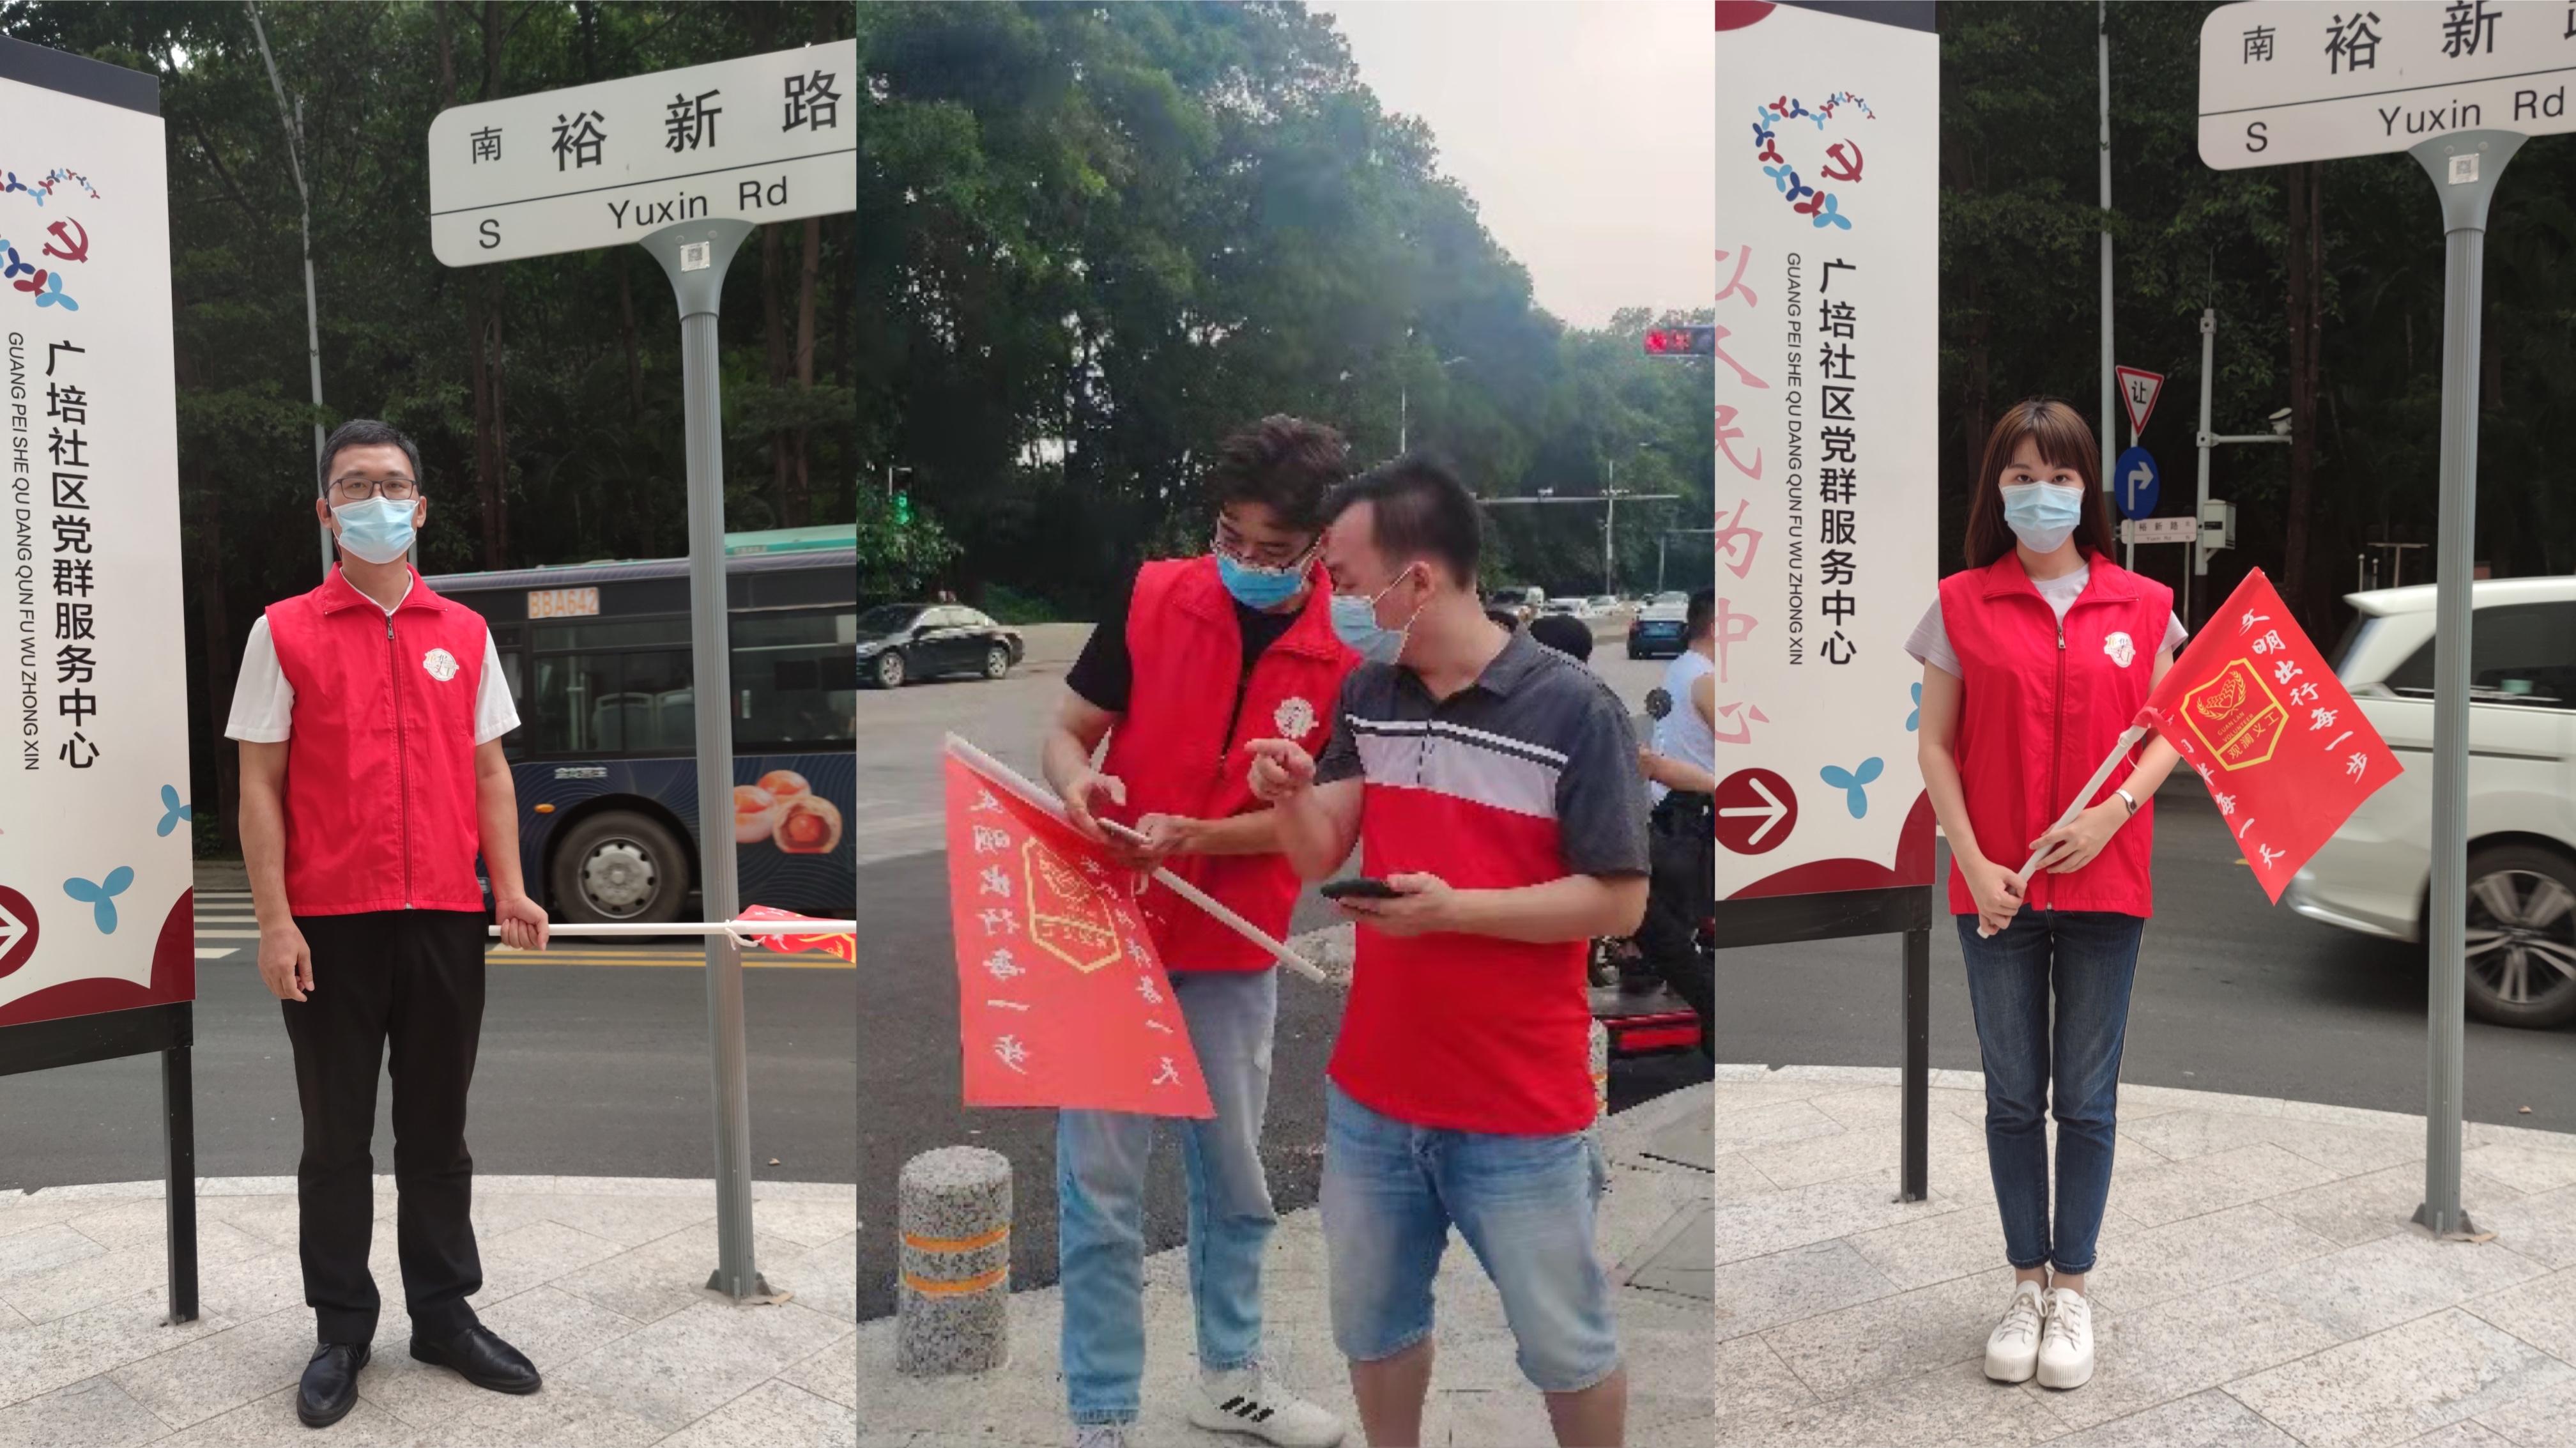 龙华区信访局开展文明交通劝导志愿服务活动